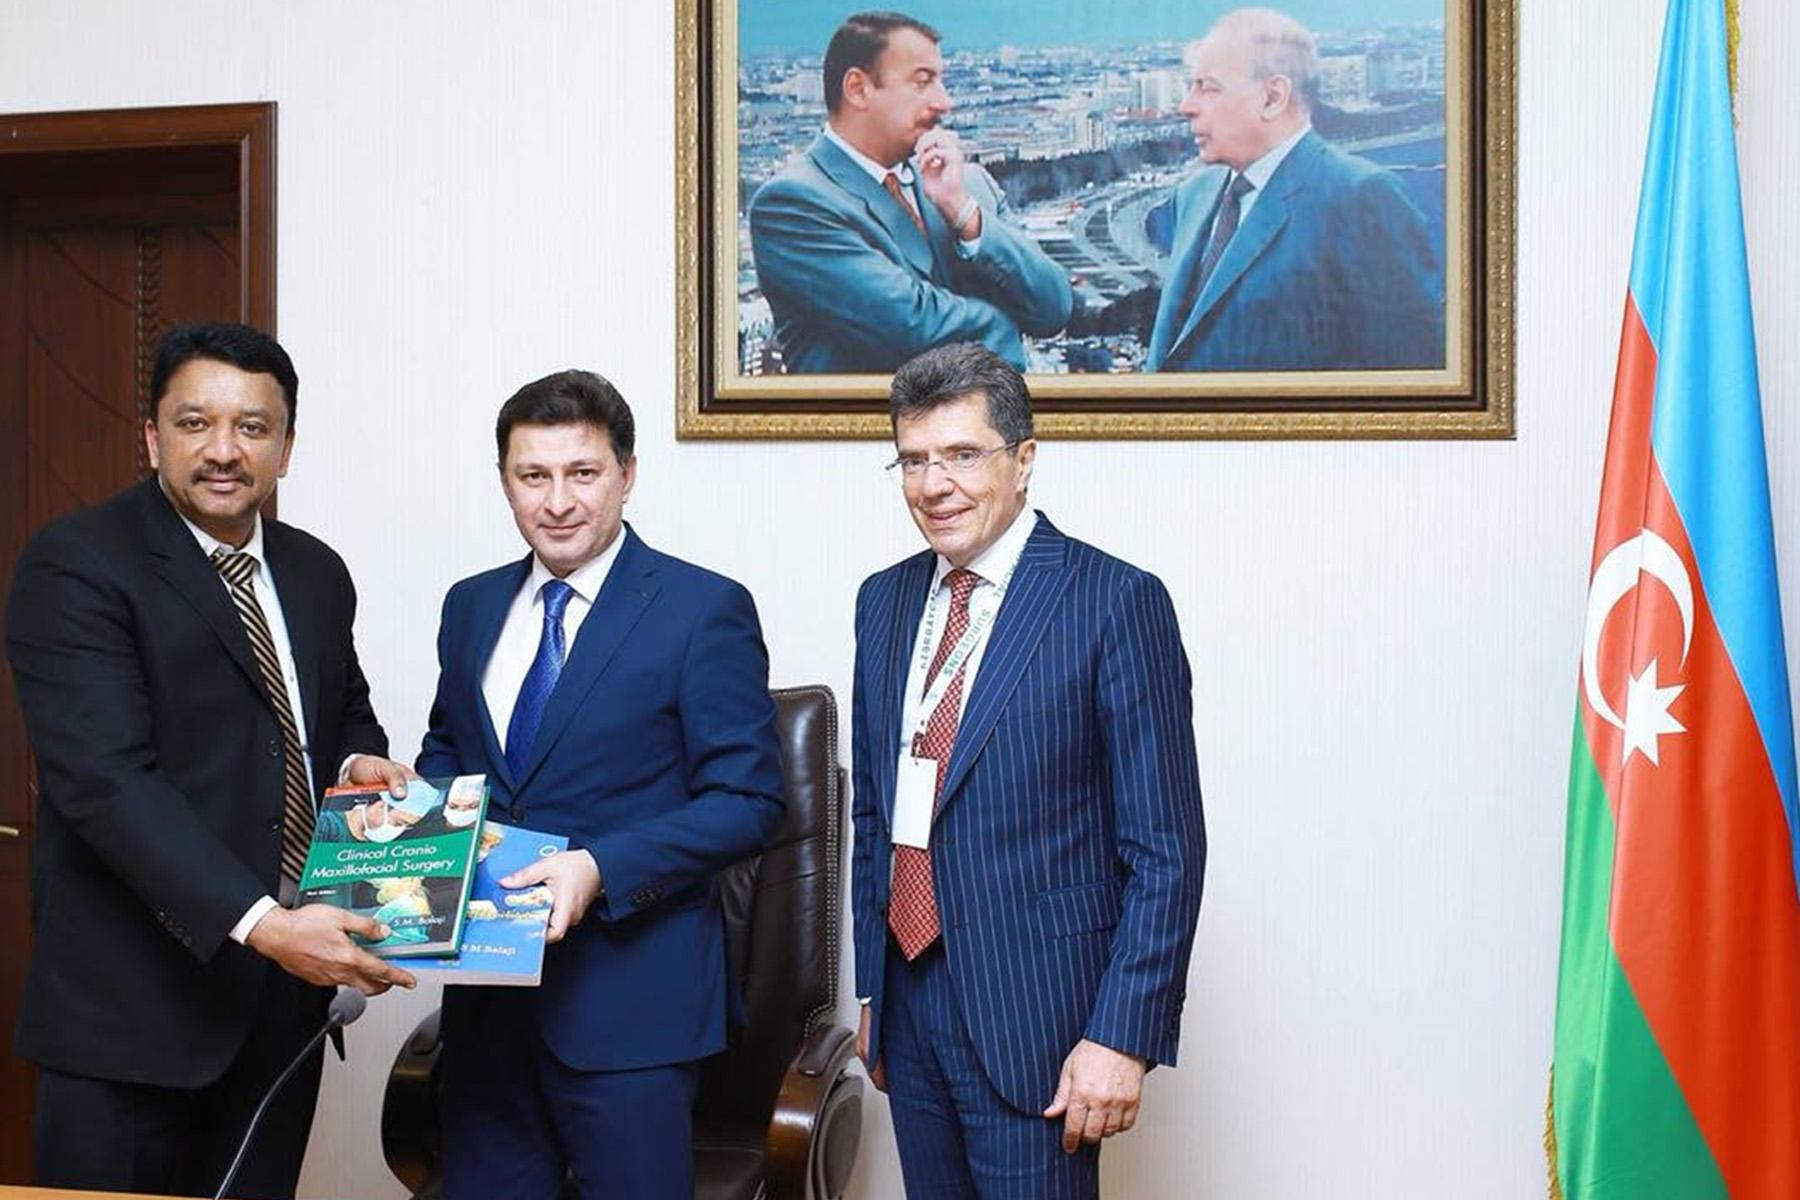 – Dr SM Balaji presenting the Rector, His Excellency Dr Garay Chingiz Garaybayli with a copy of his Clinical Craniomaxillofacial Surgery book